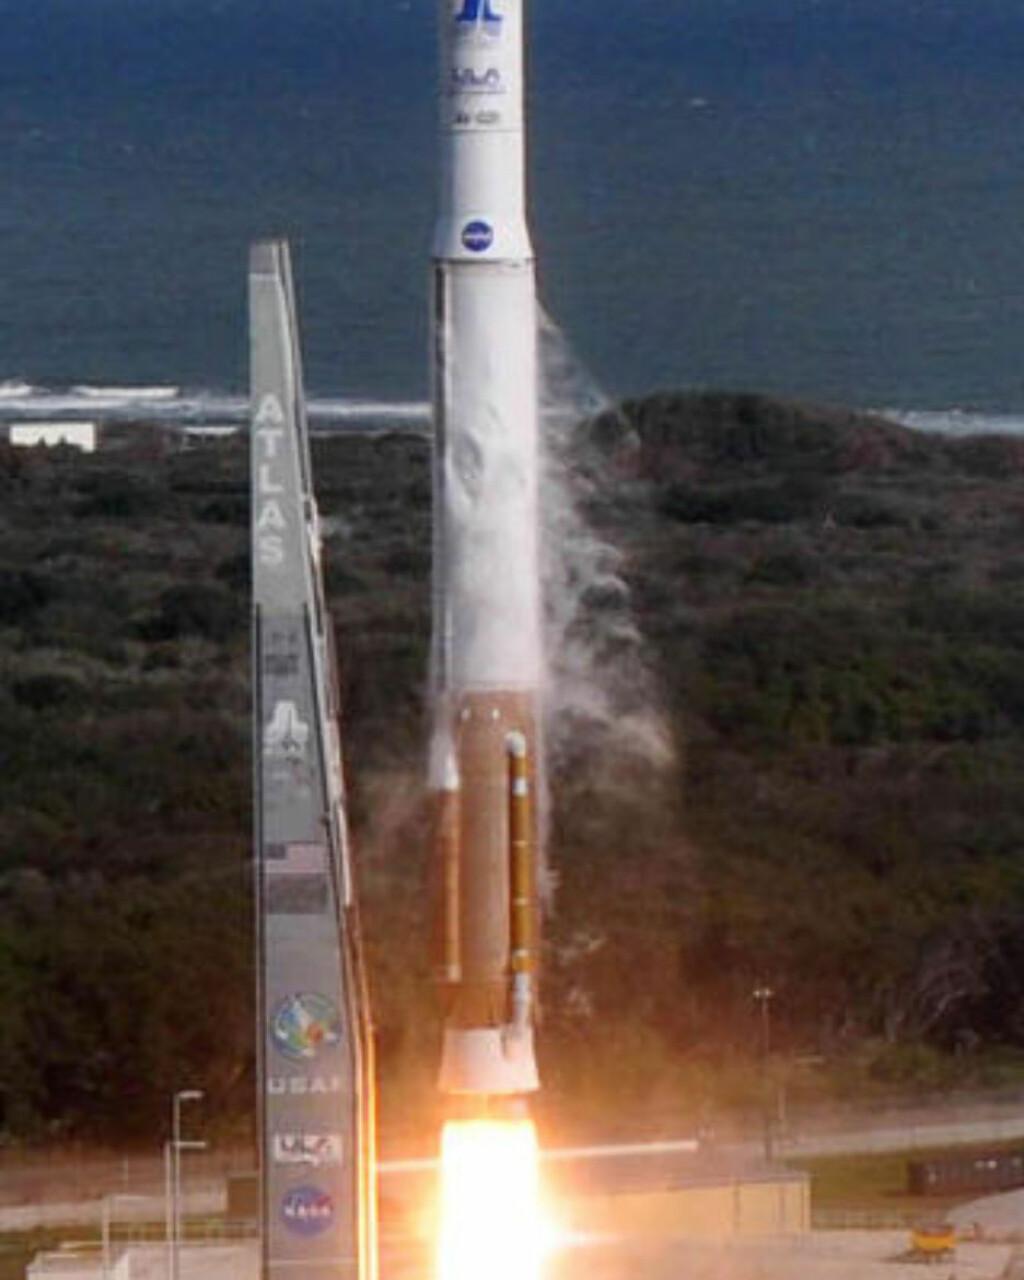 STARTHJELP: Romflyet, som ikke har noe gjenbrukbart boostersystem som romferjene, er avhengig av en Atlas (avbildet) eller Delta-rakett for å komme seg opp i omløpsbane. Foto: AFP PHOTO/NASA/SCANPIX